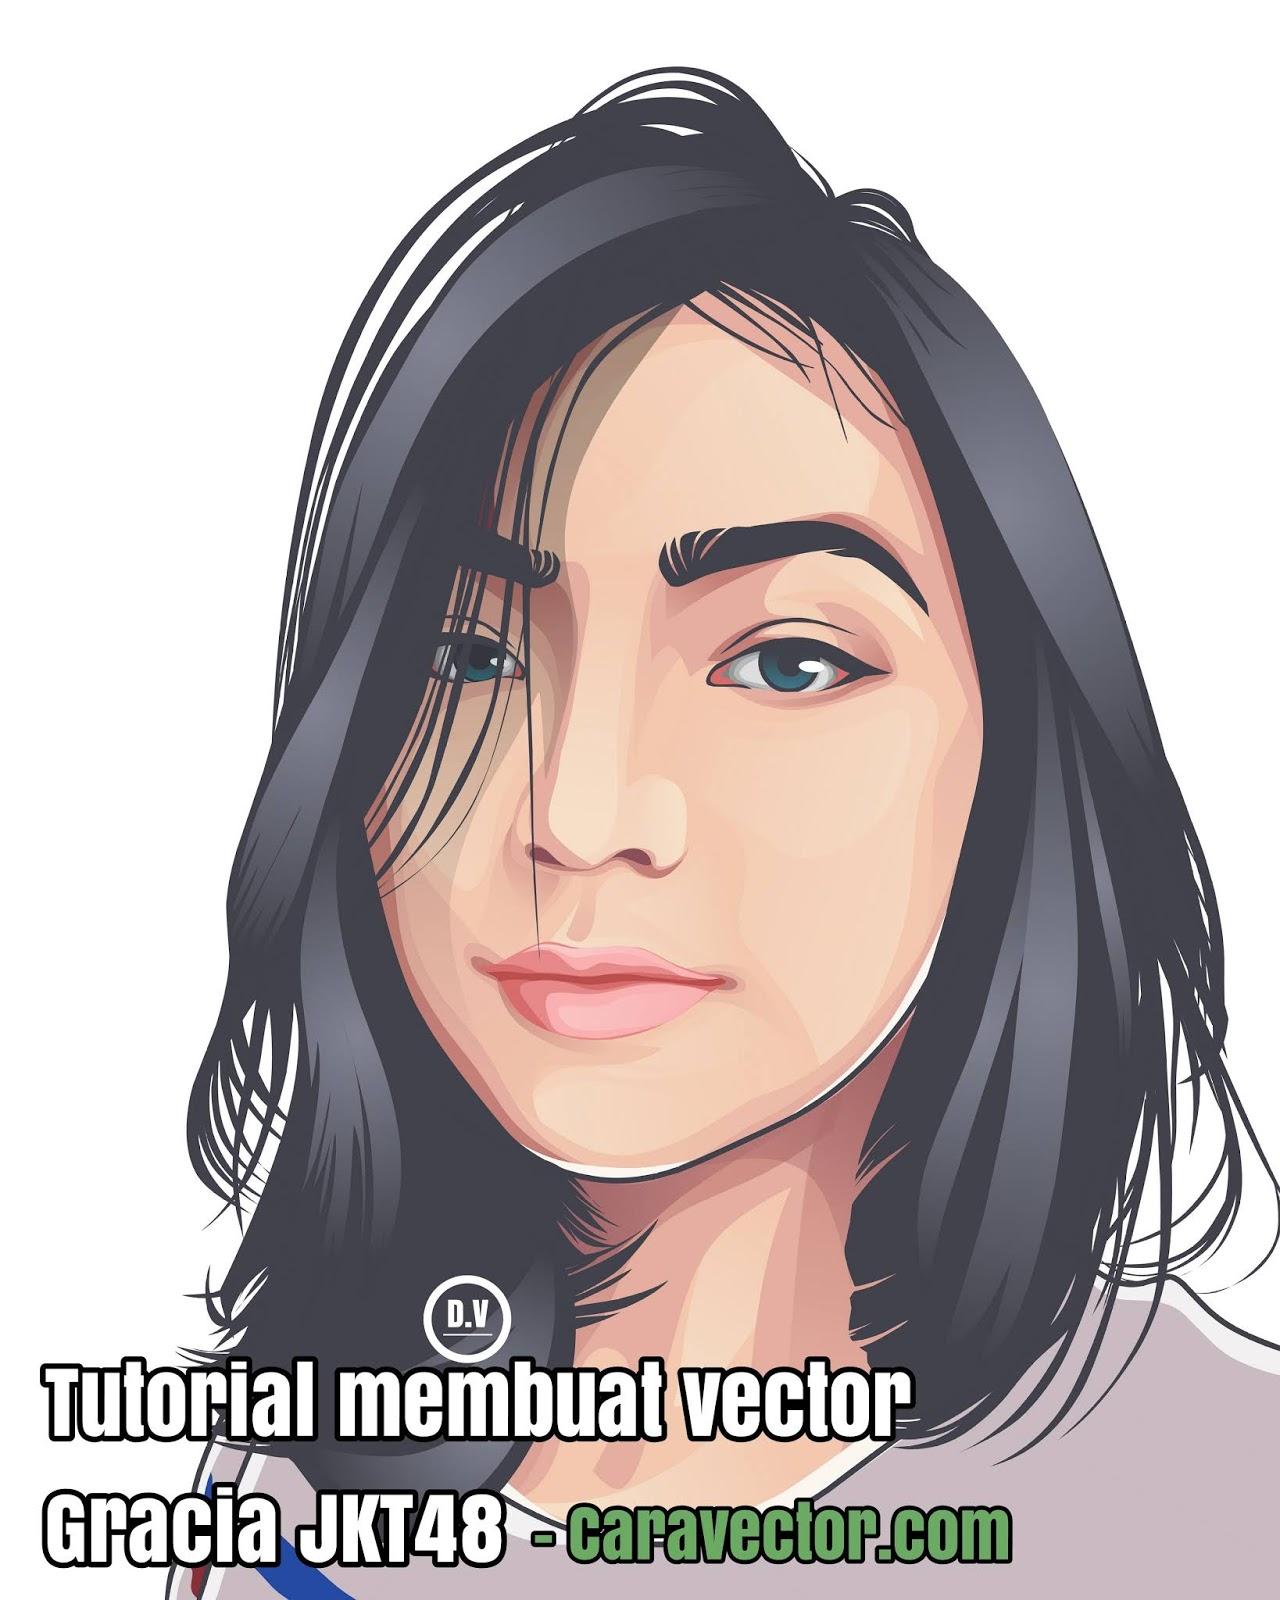 Tutorial Membuat Vector Gracia JKT48 Di Infinite Design